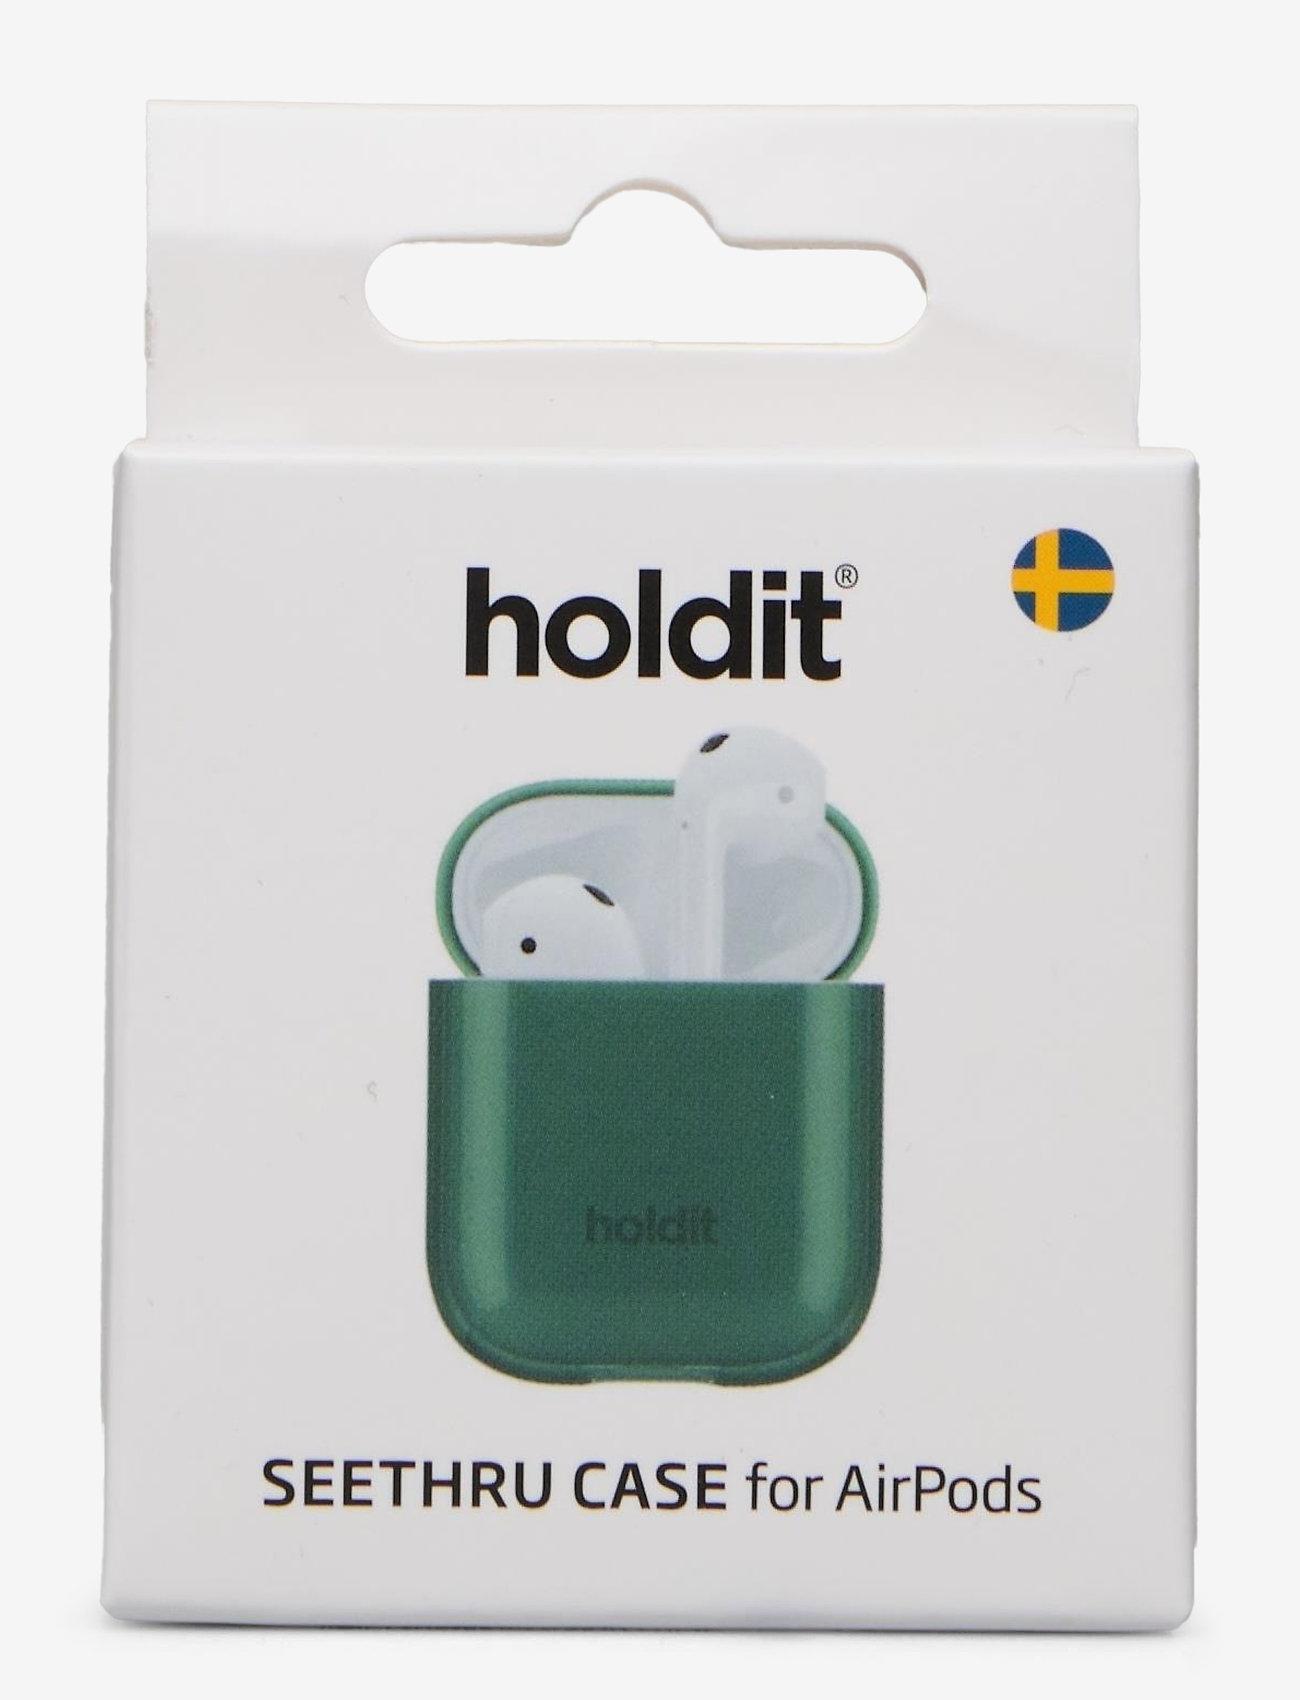 Holdit - Seethru Case AirPods - airpods-suojakotelot - seethru moss green - 1